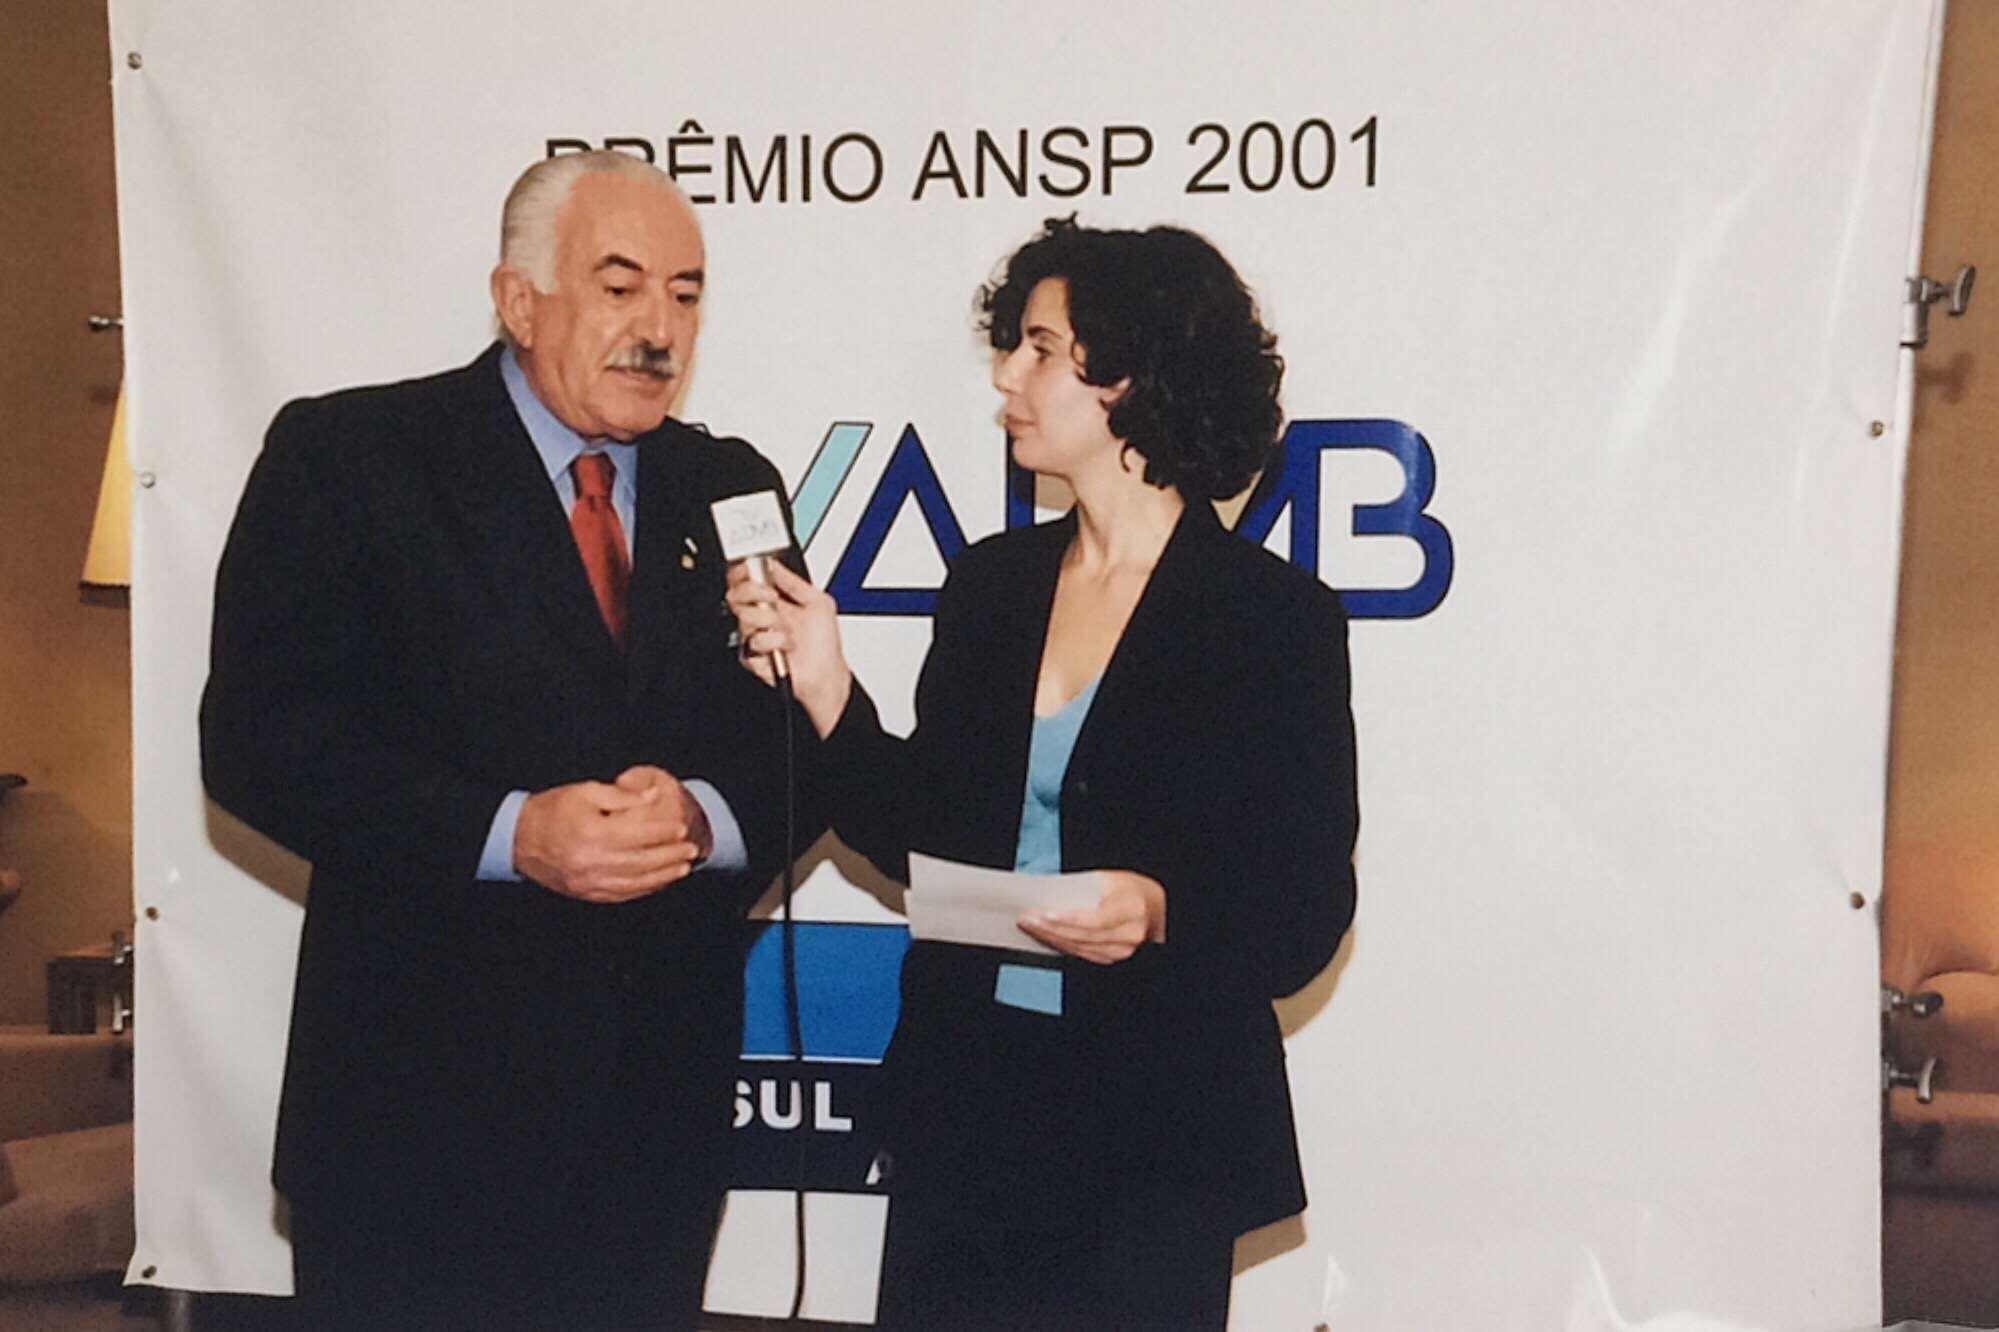 Prêmio ANSP 2001 – Troféu Seguros e Riscos